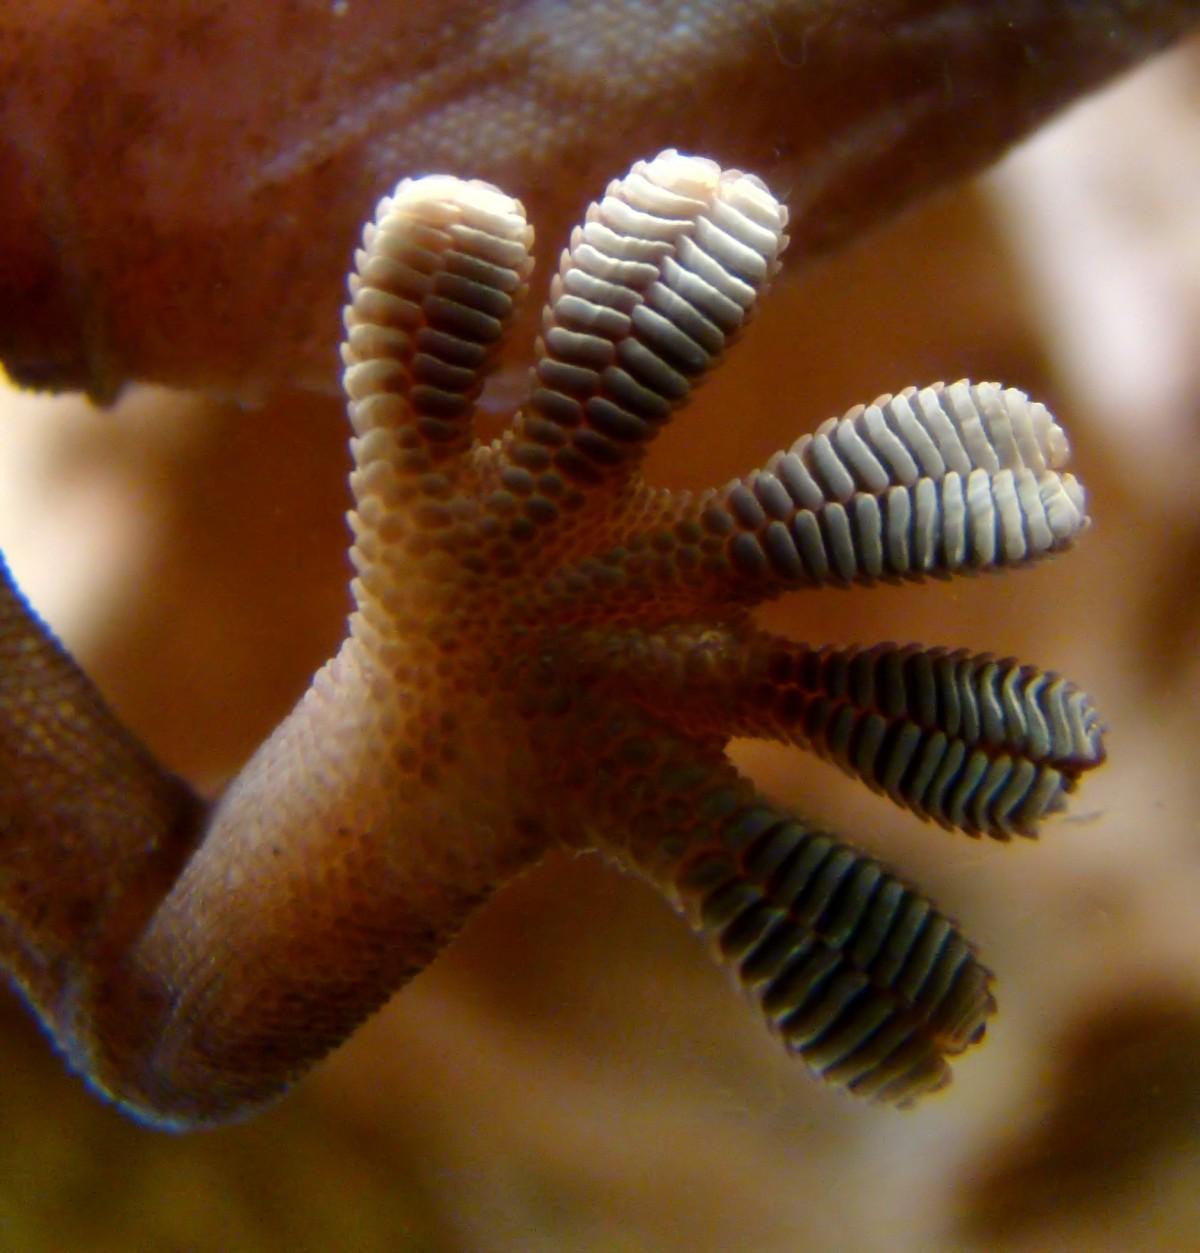 Gecko ayak yapısı...